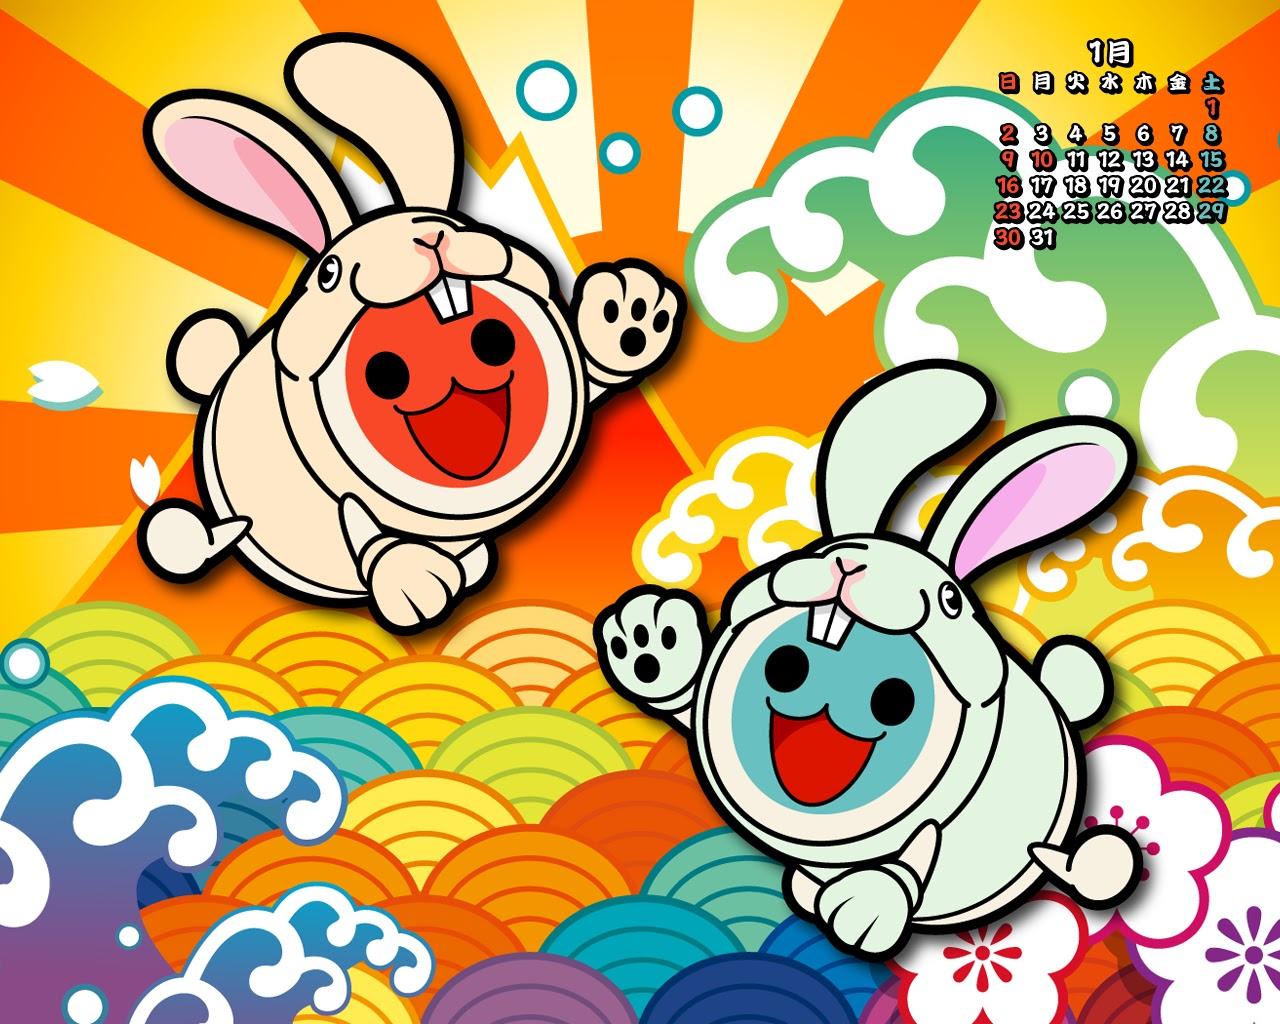 http://2.bp.blogspot.com/-9dVsymMeUG0/TZsL61QiPuI/AAAAAAAAAUw/Lu4jm0bgyZA/s1600/taiko_cal_1101_01.bmp